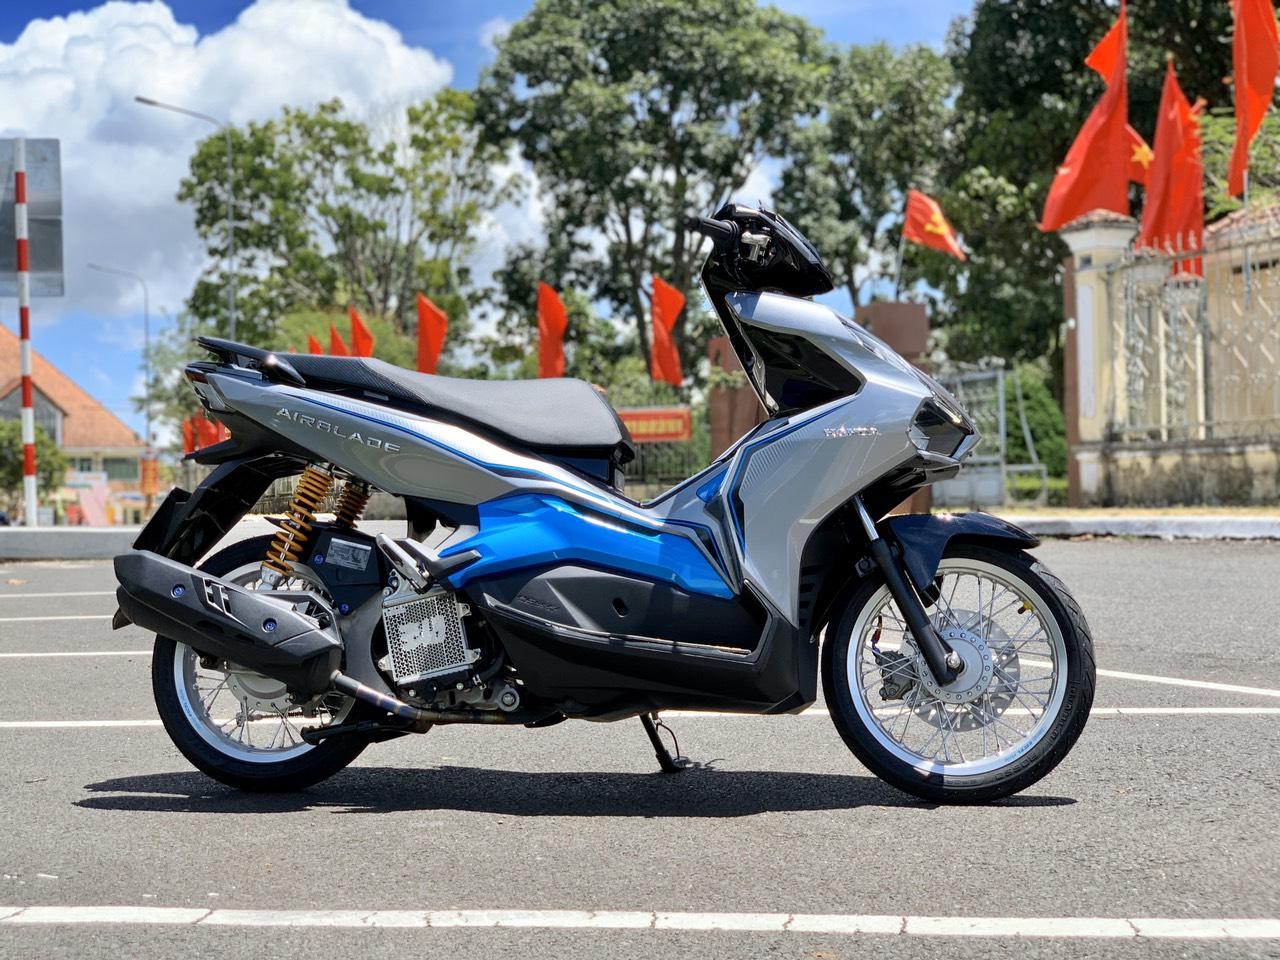 Air Blade 2020 do chiu choi nhat minh tung gap - 17